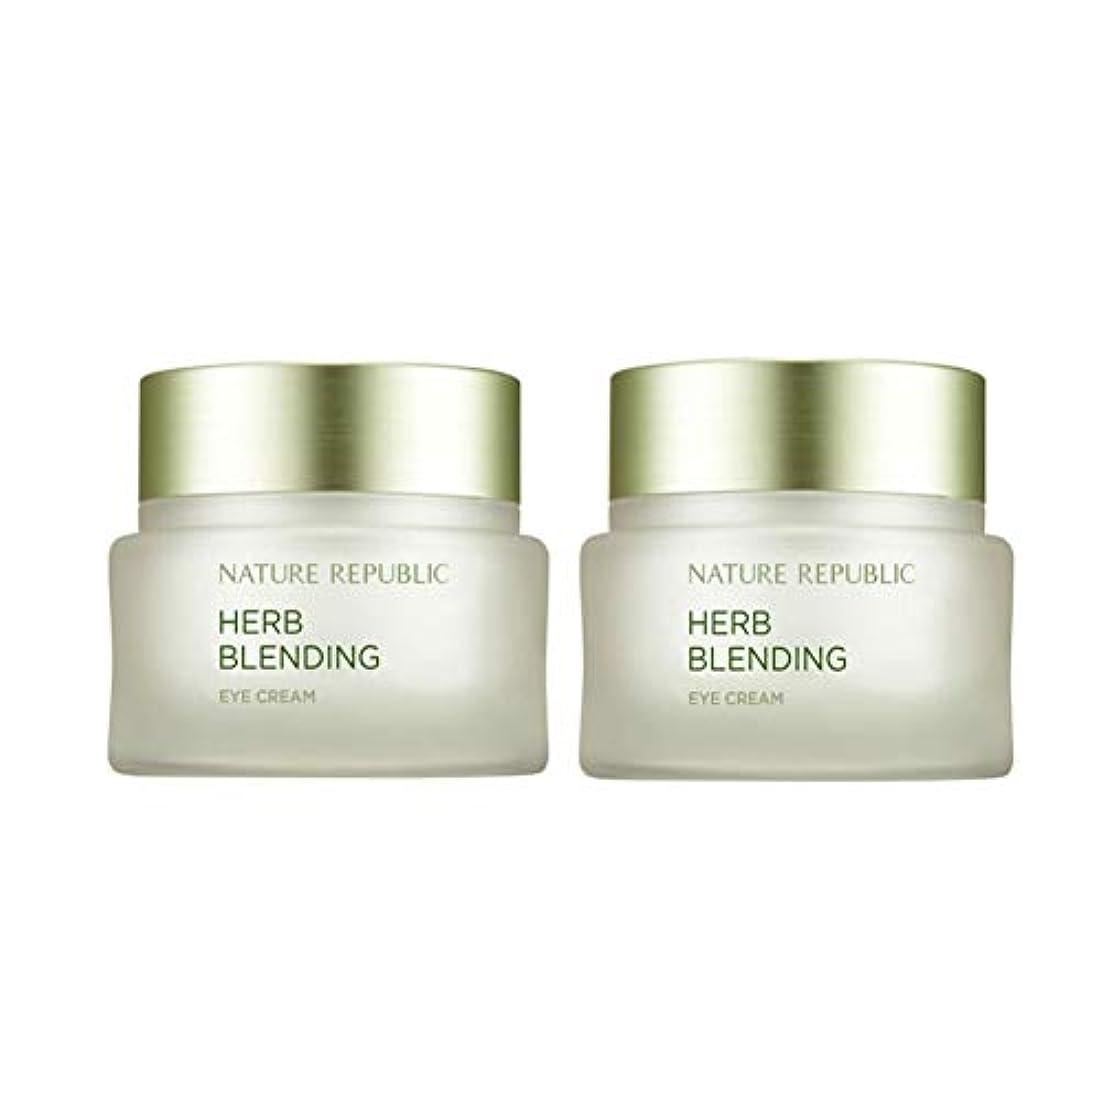 時刻表憤る勝つネイチャーリパブリックハーブ?ブレンディングクリーム50mlx 2本セット韓国コスメ、Nature Republic Herb Blending Cream 50ml x 2ea Set Korean Cosmetics...